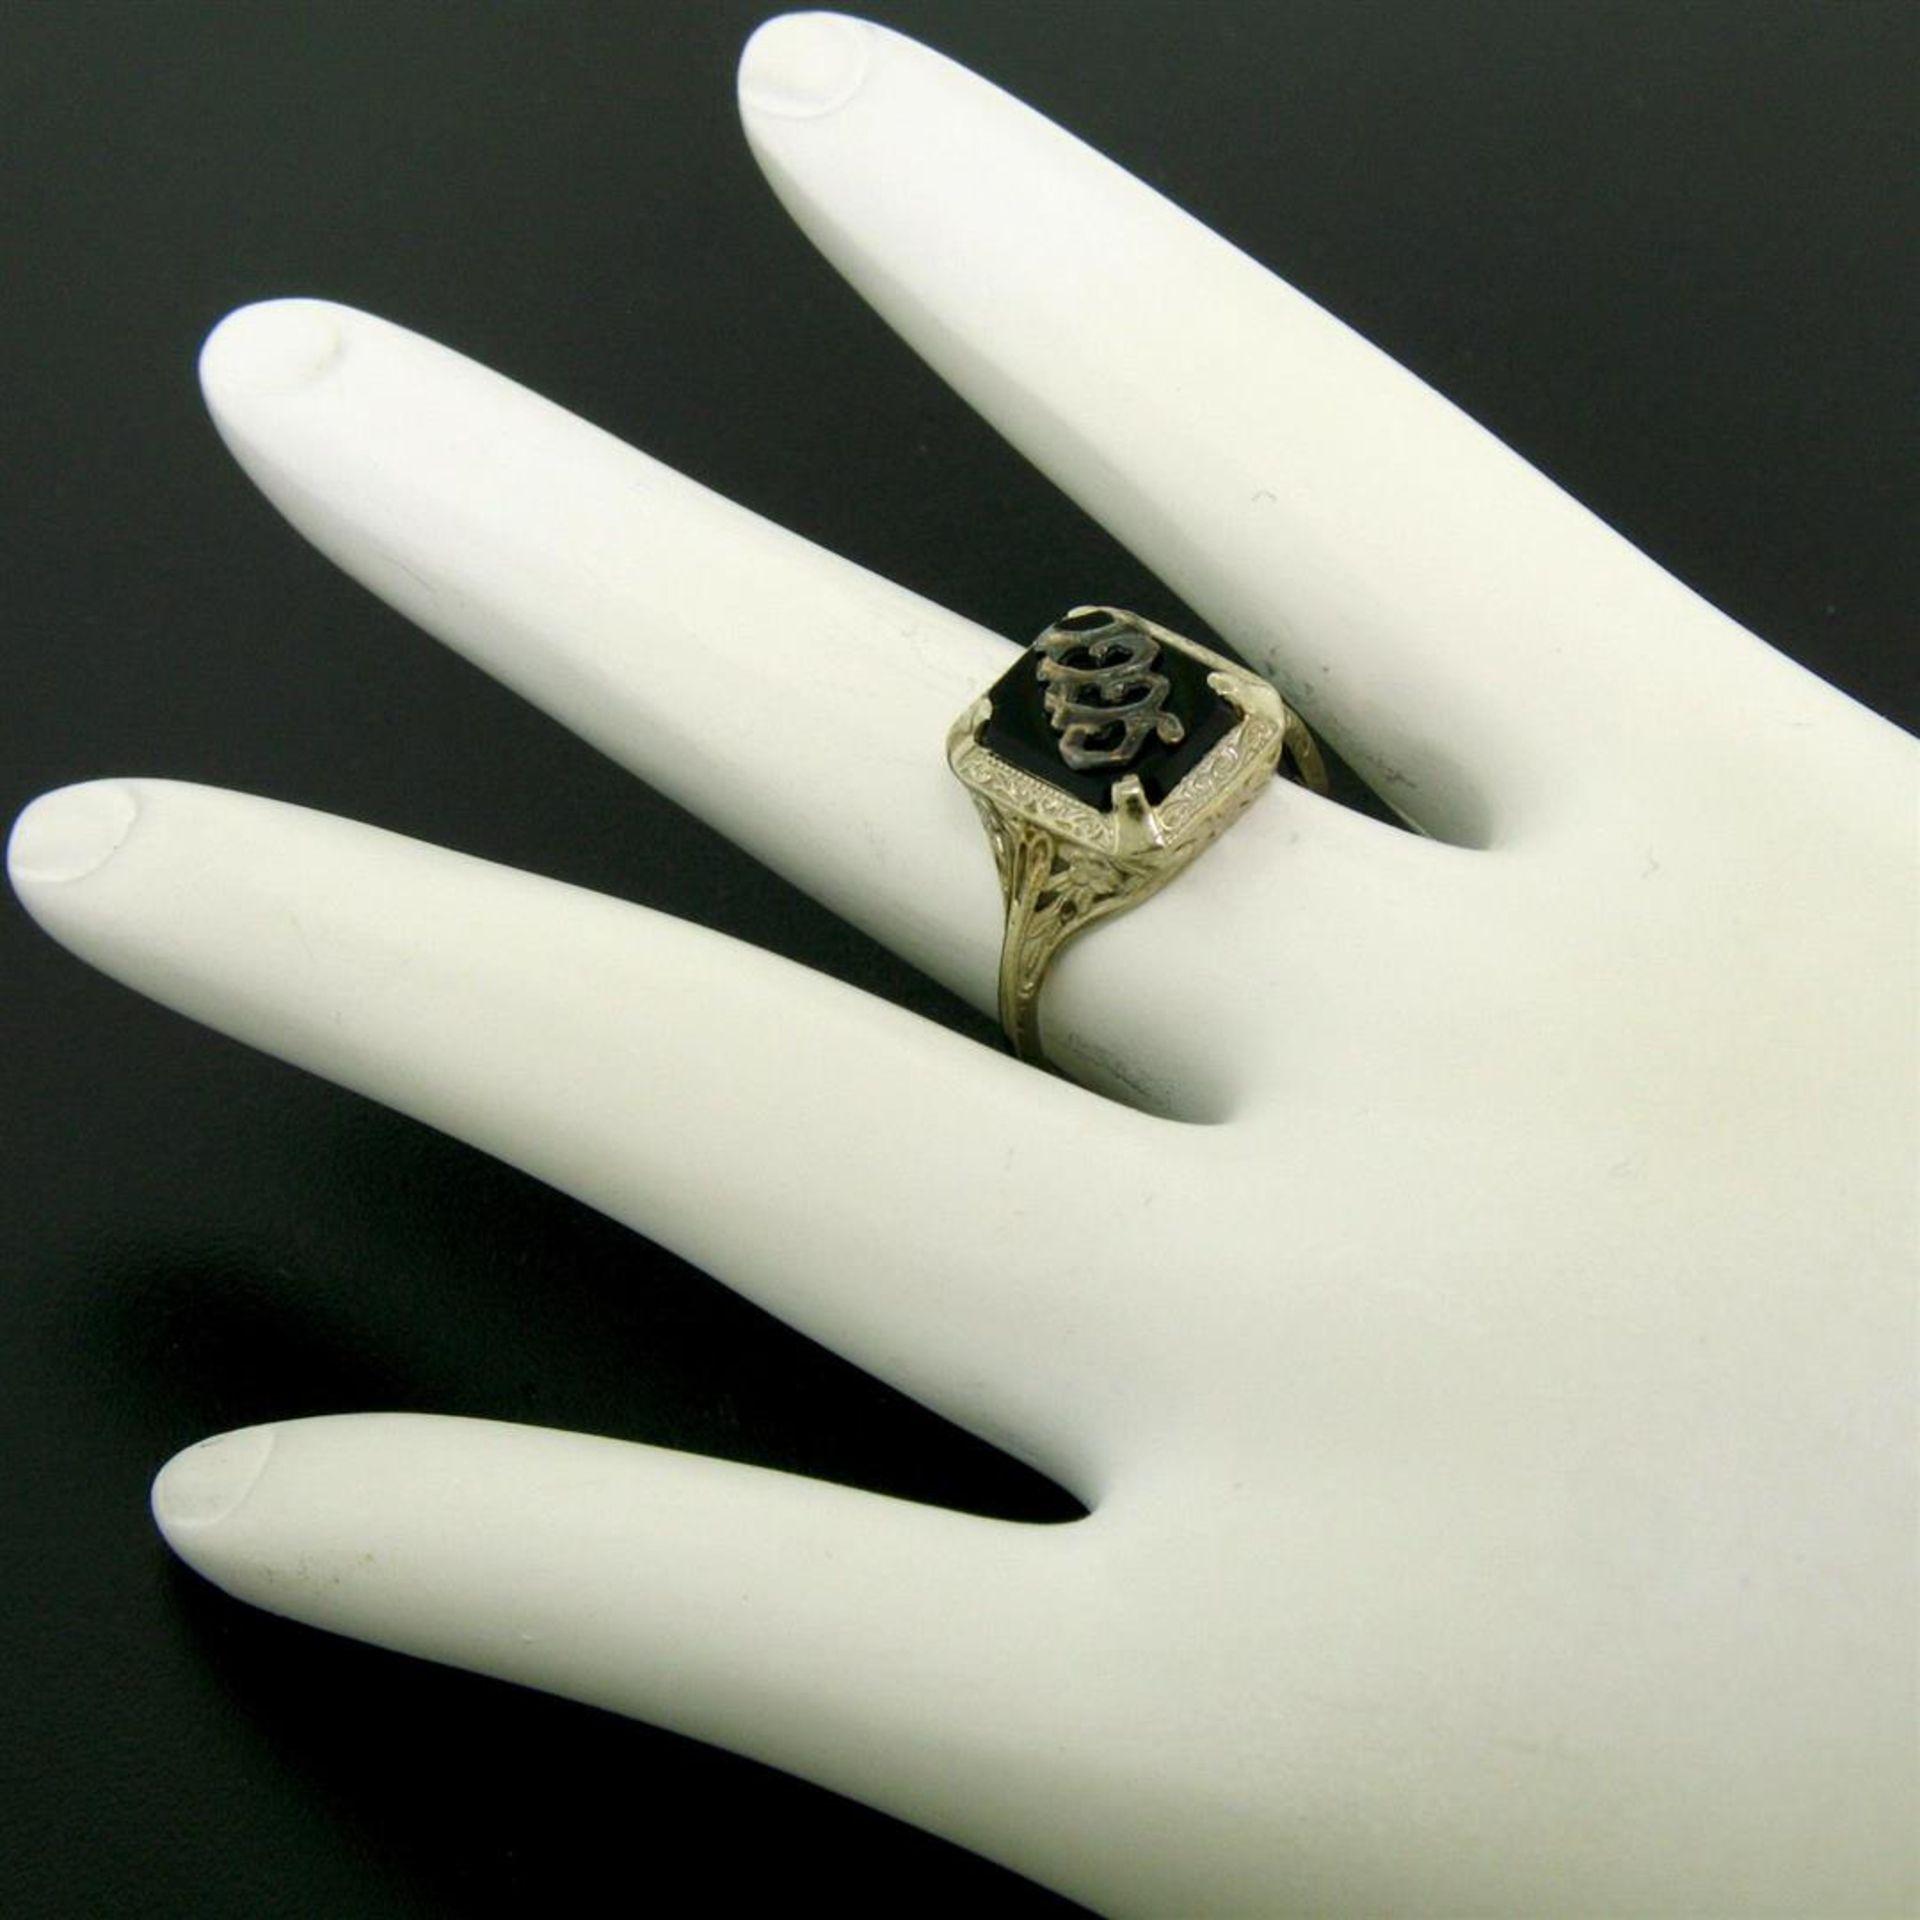 1925 14k White Gold Prong Set Black Onyx Filigree Dinner Ring - Image 7 of 8